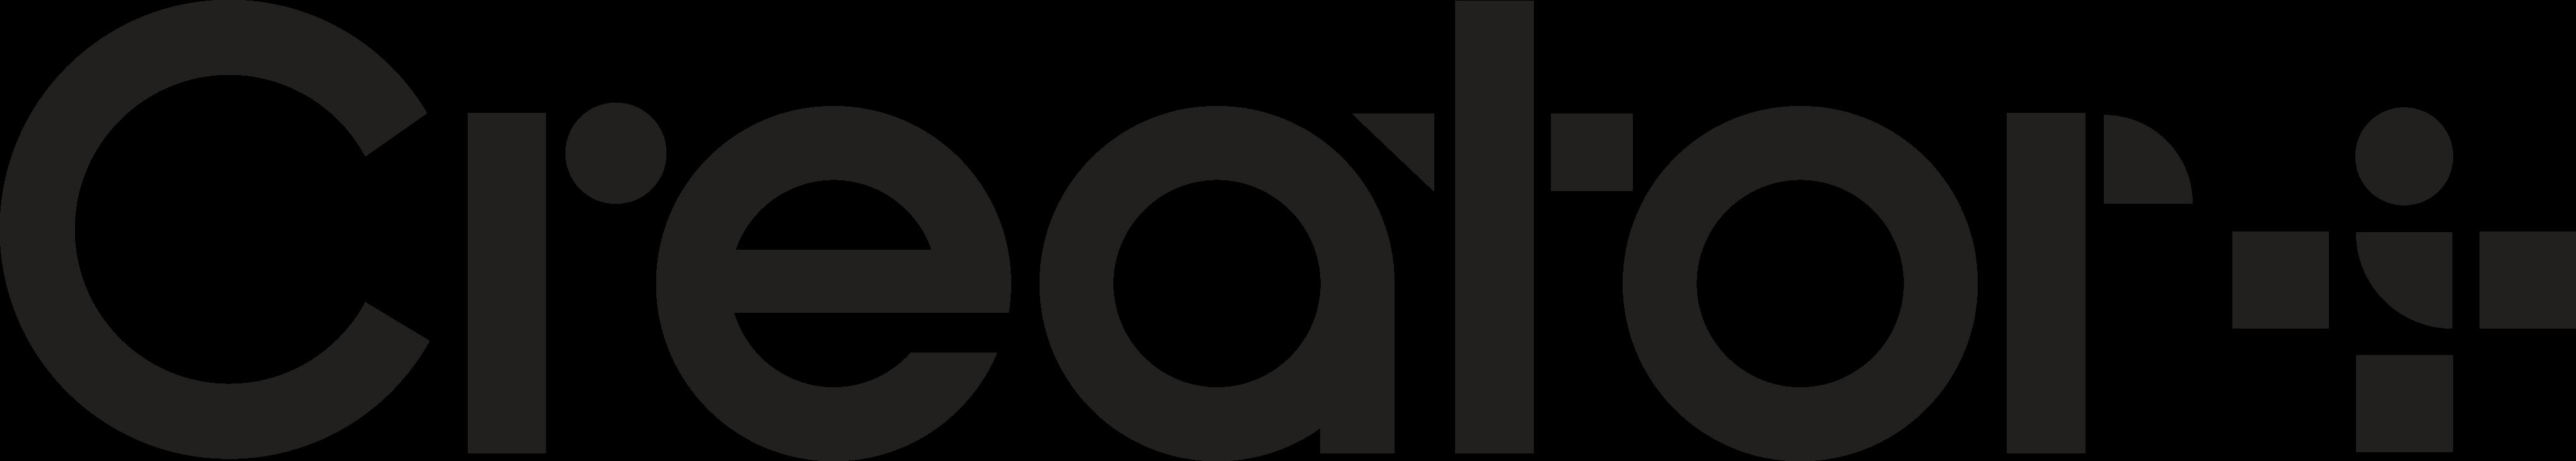 CreatorPlus logo